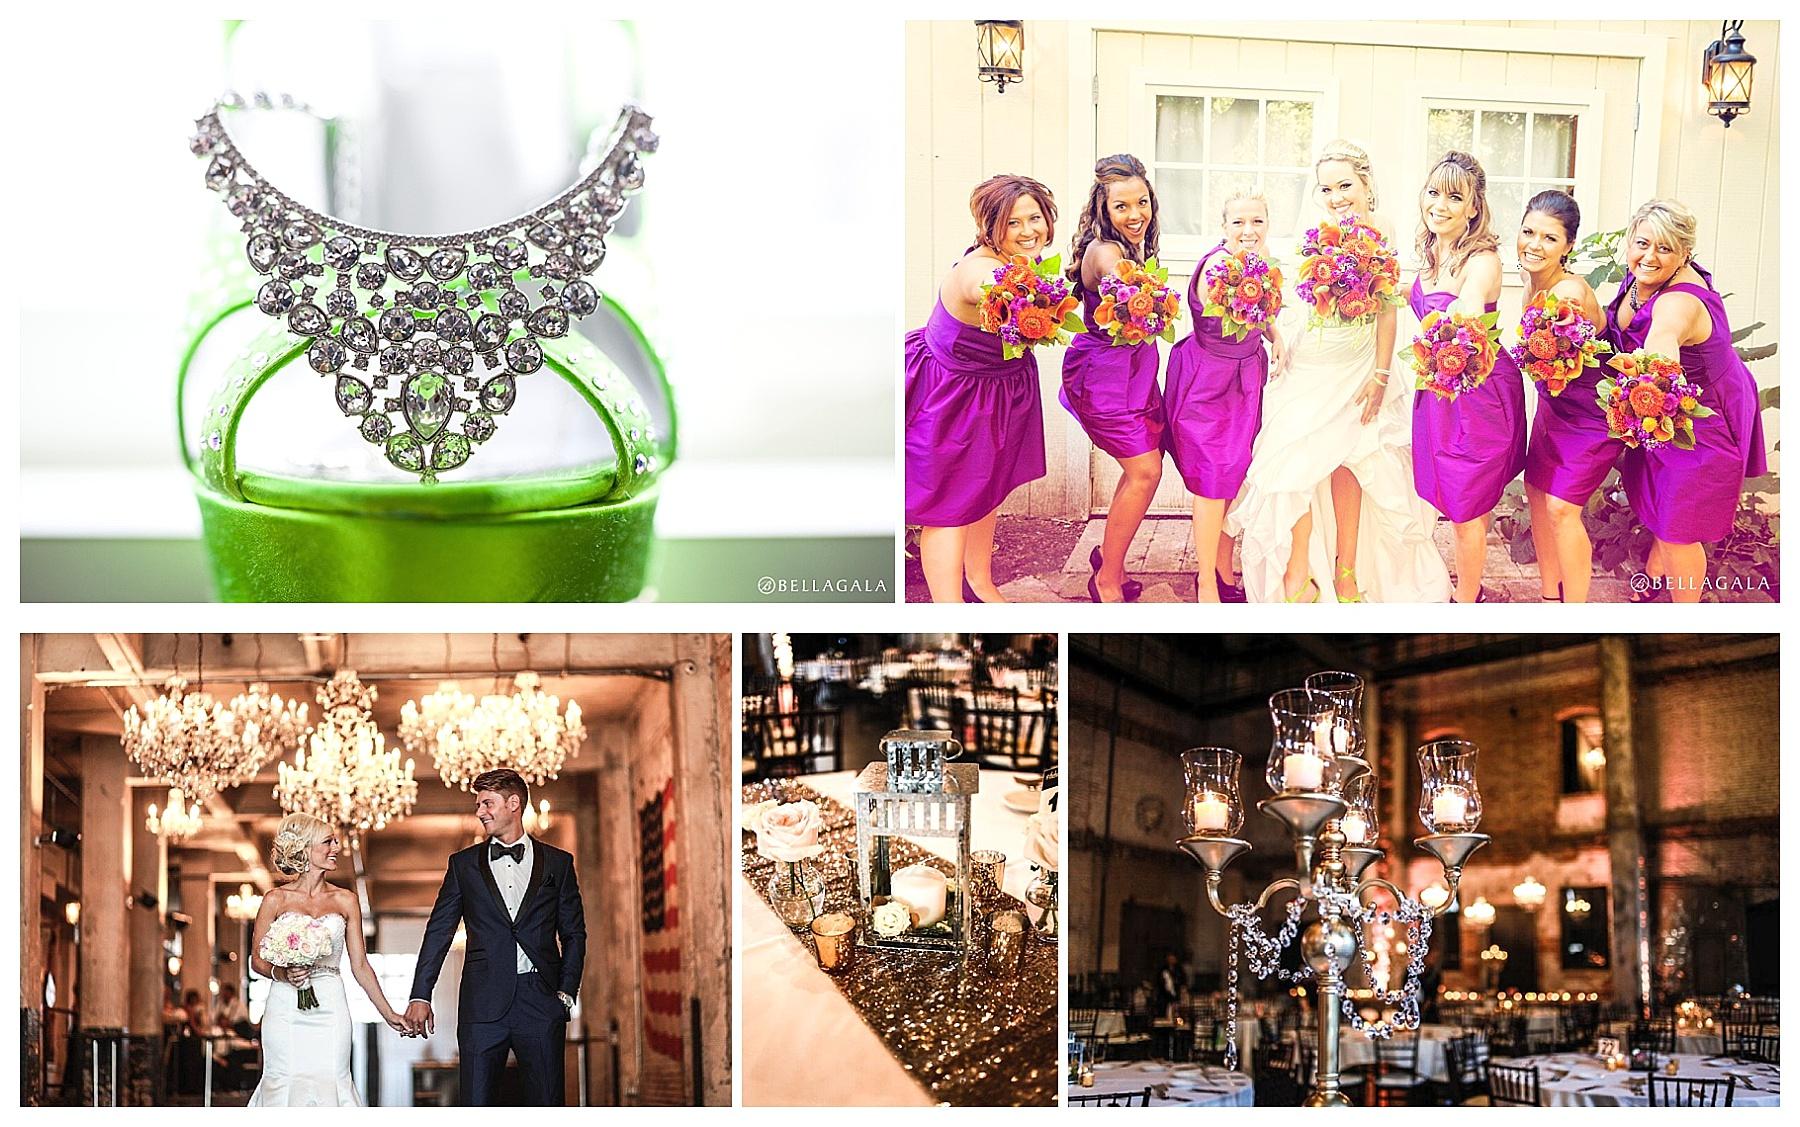 Bellagala Photography (top row), Laura Ann Photography (bottom row)